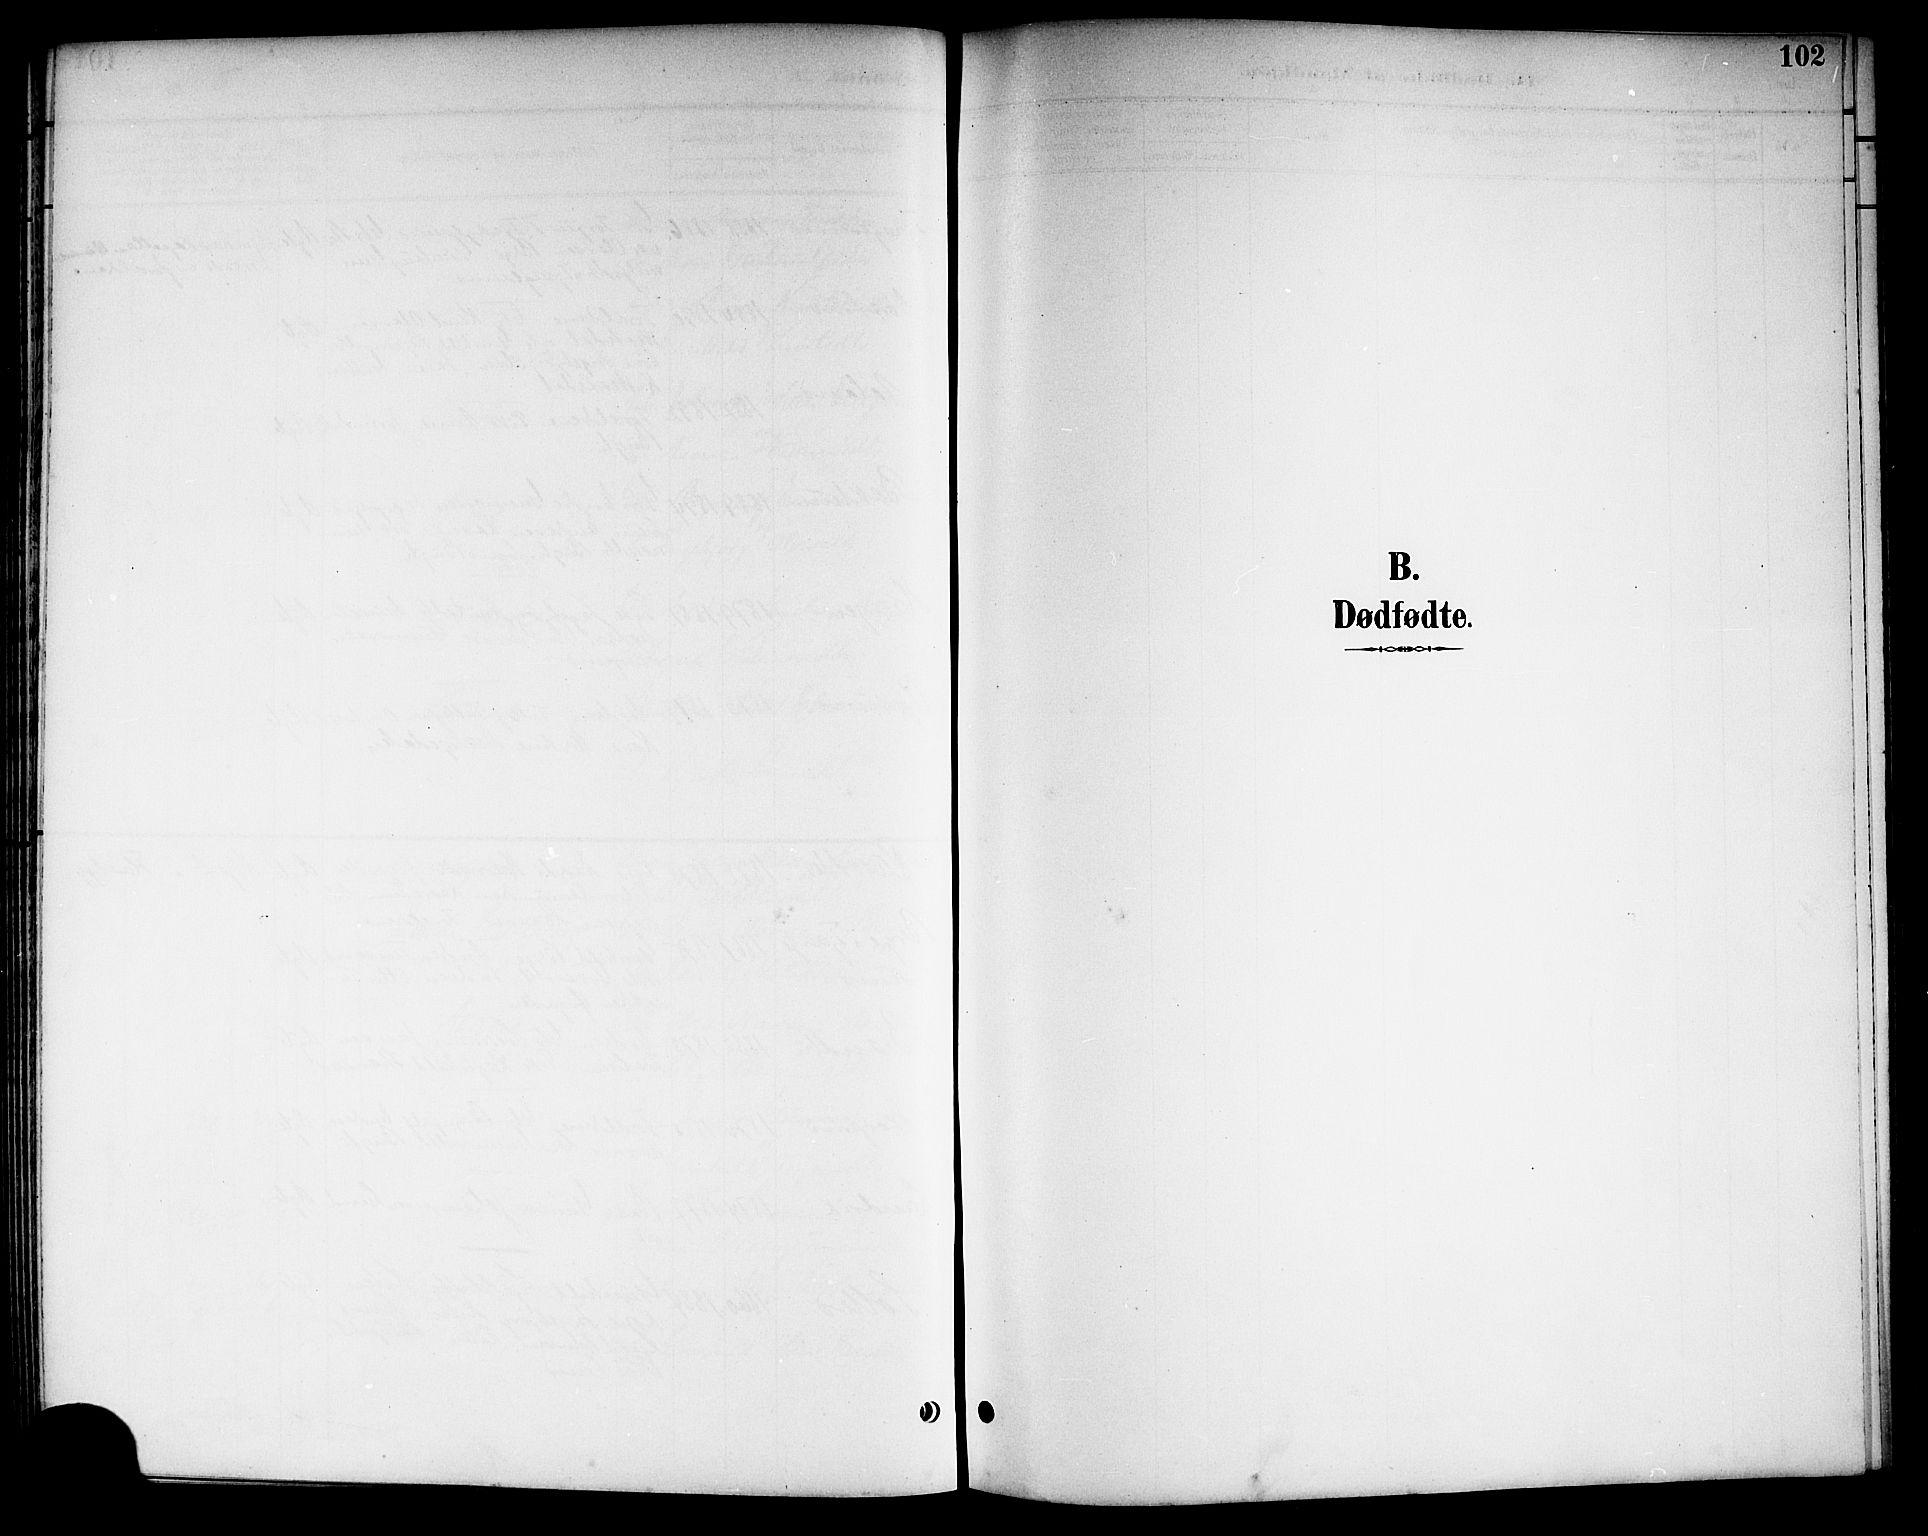 SAKO, Kviteseid kirkebøker, G/Ga/L0002: Klokkerbok nr. I 2, 1893-1918, s. 102